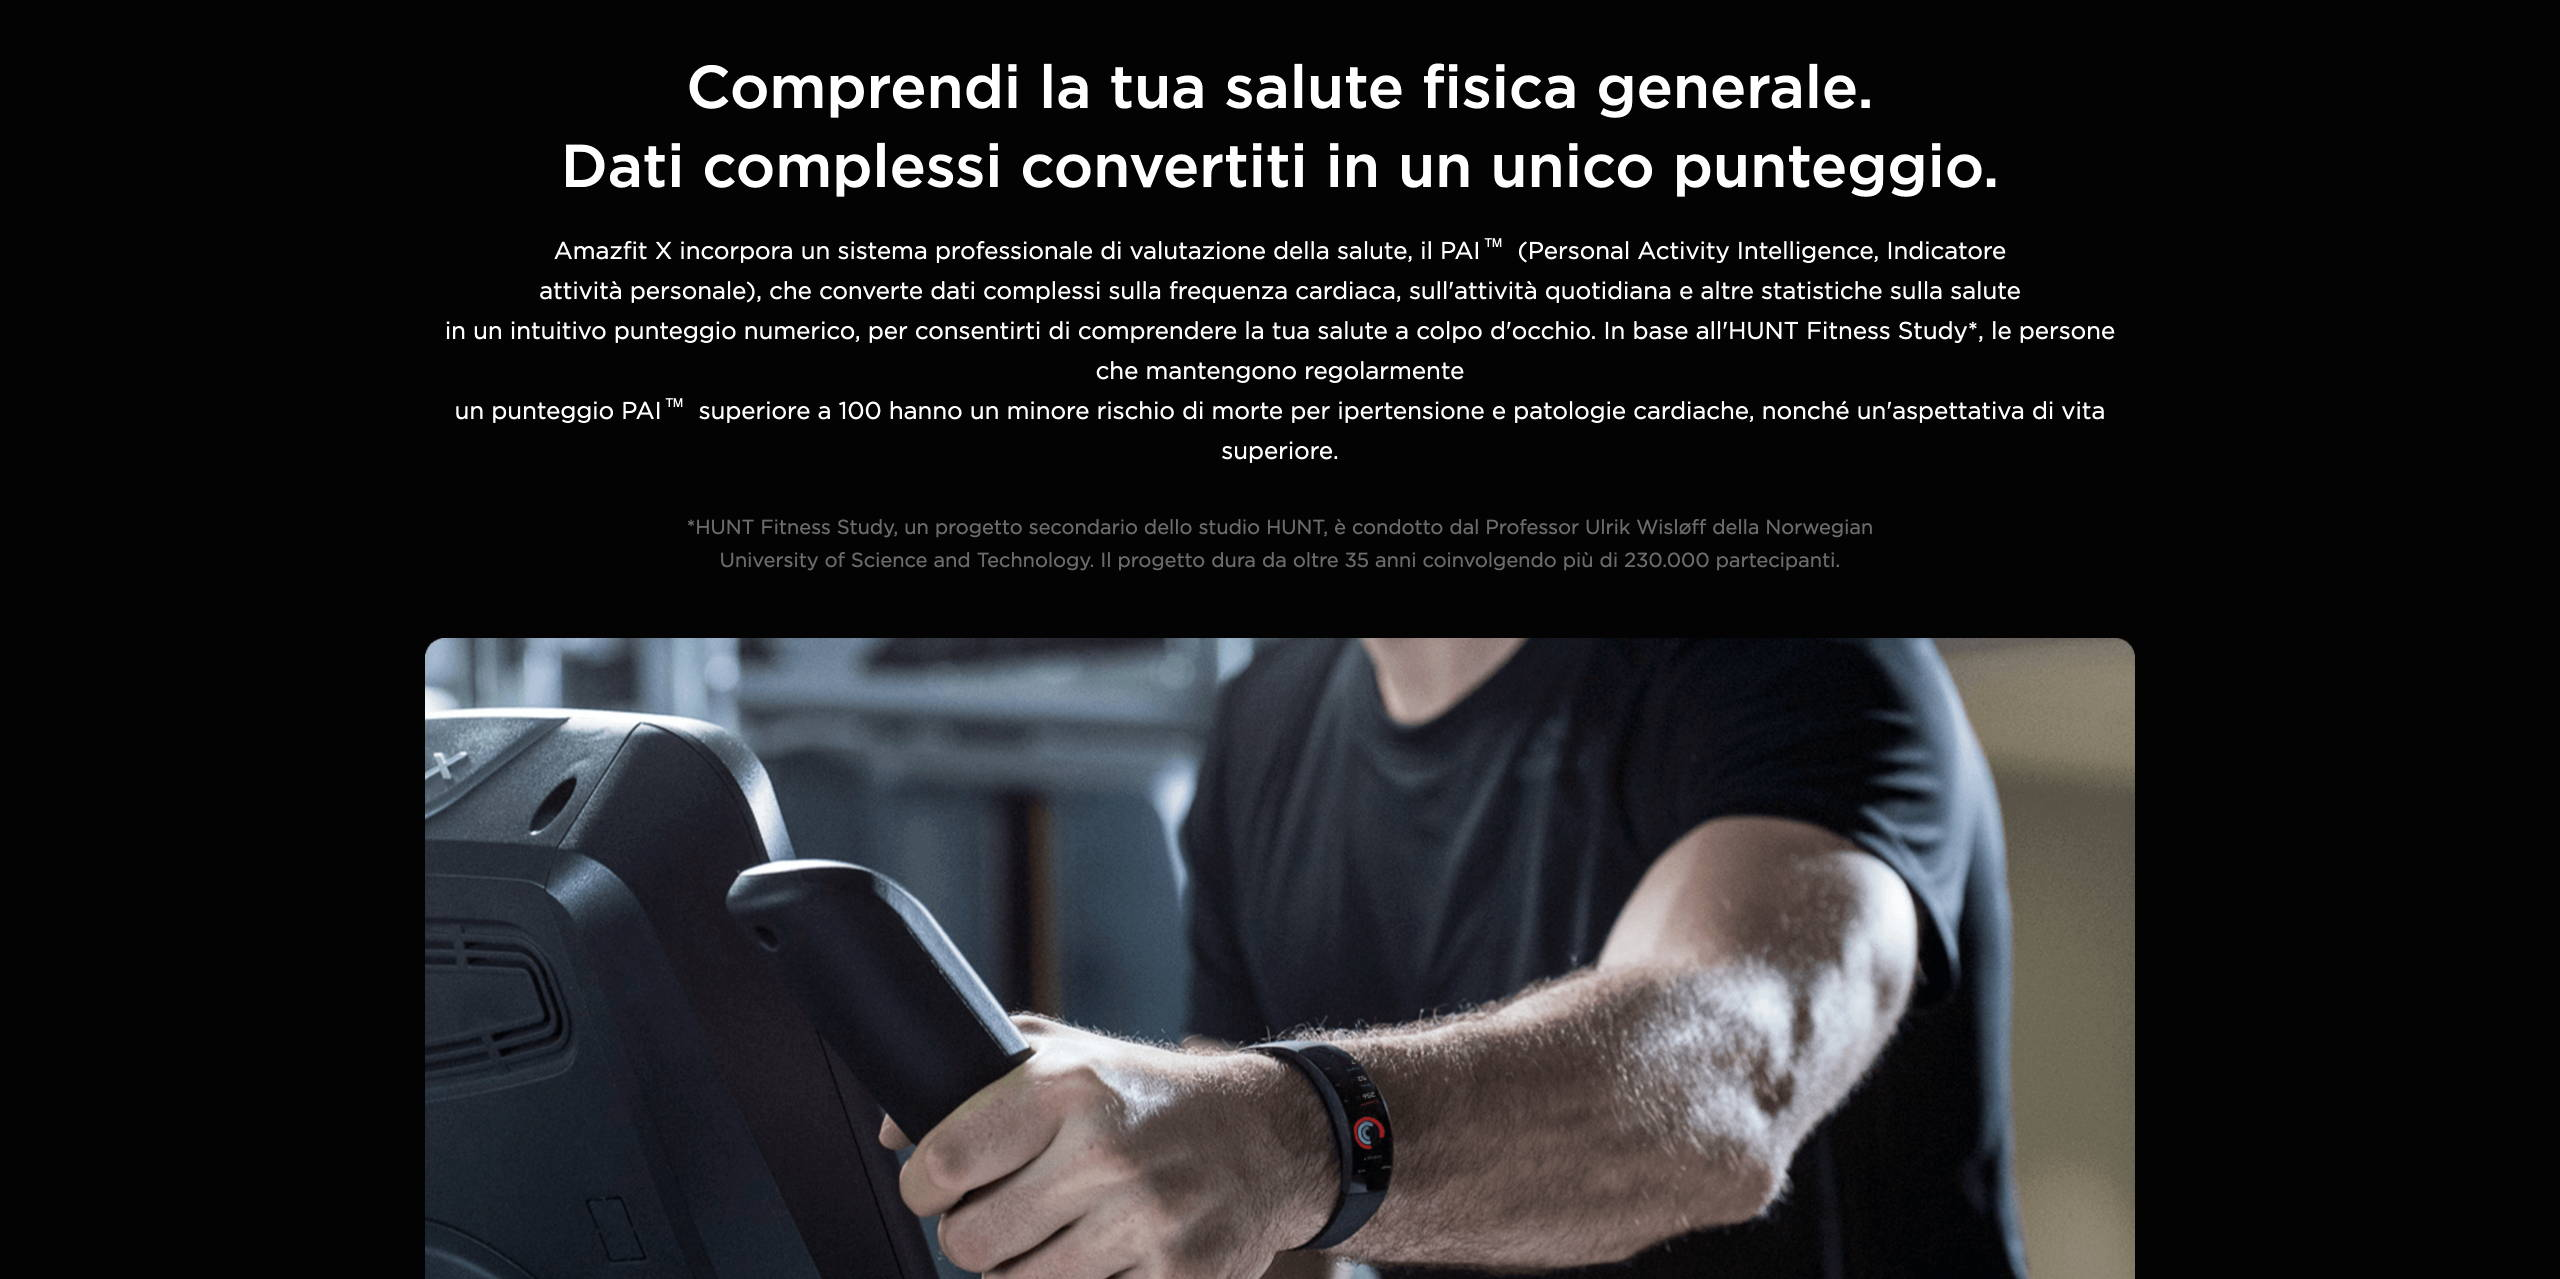 Amazfit X - Comprendi la tua salute fisica generale. Dati complessi convertiti in un unico punteggio.